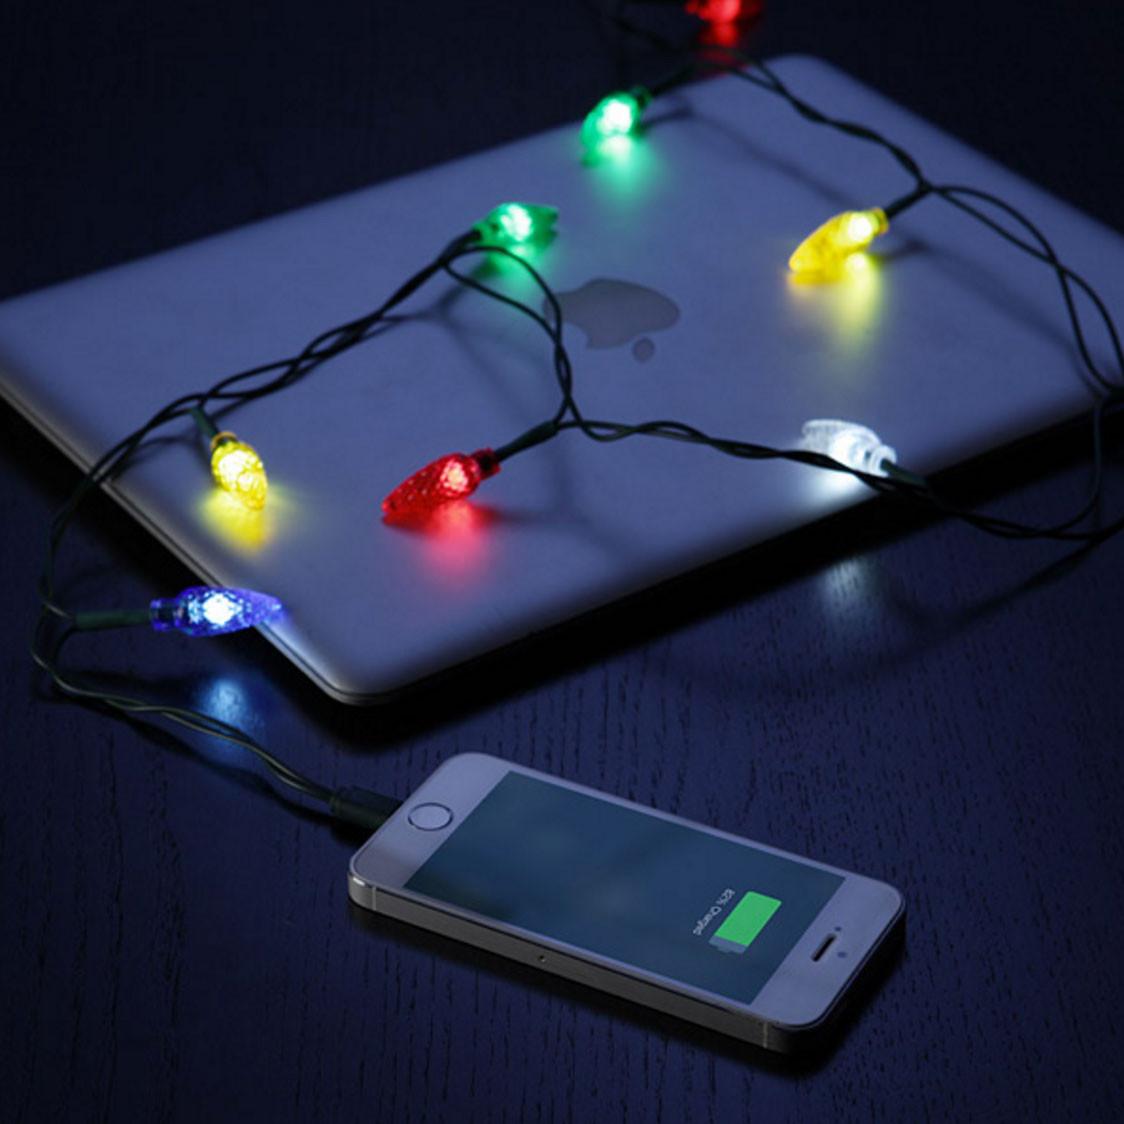 是超級有聖誕節氣氛的聖誕燈飾充電線!這篇文章的首圖